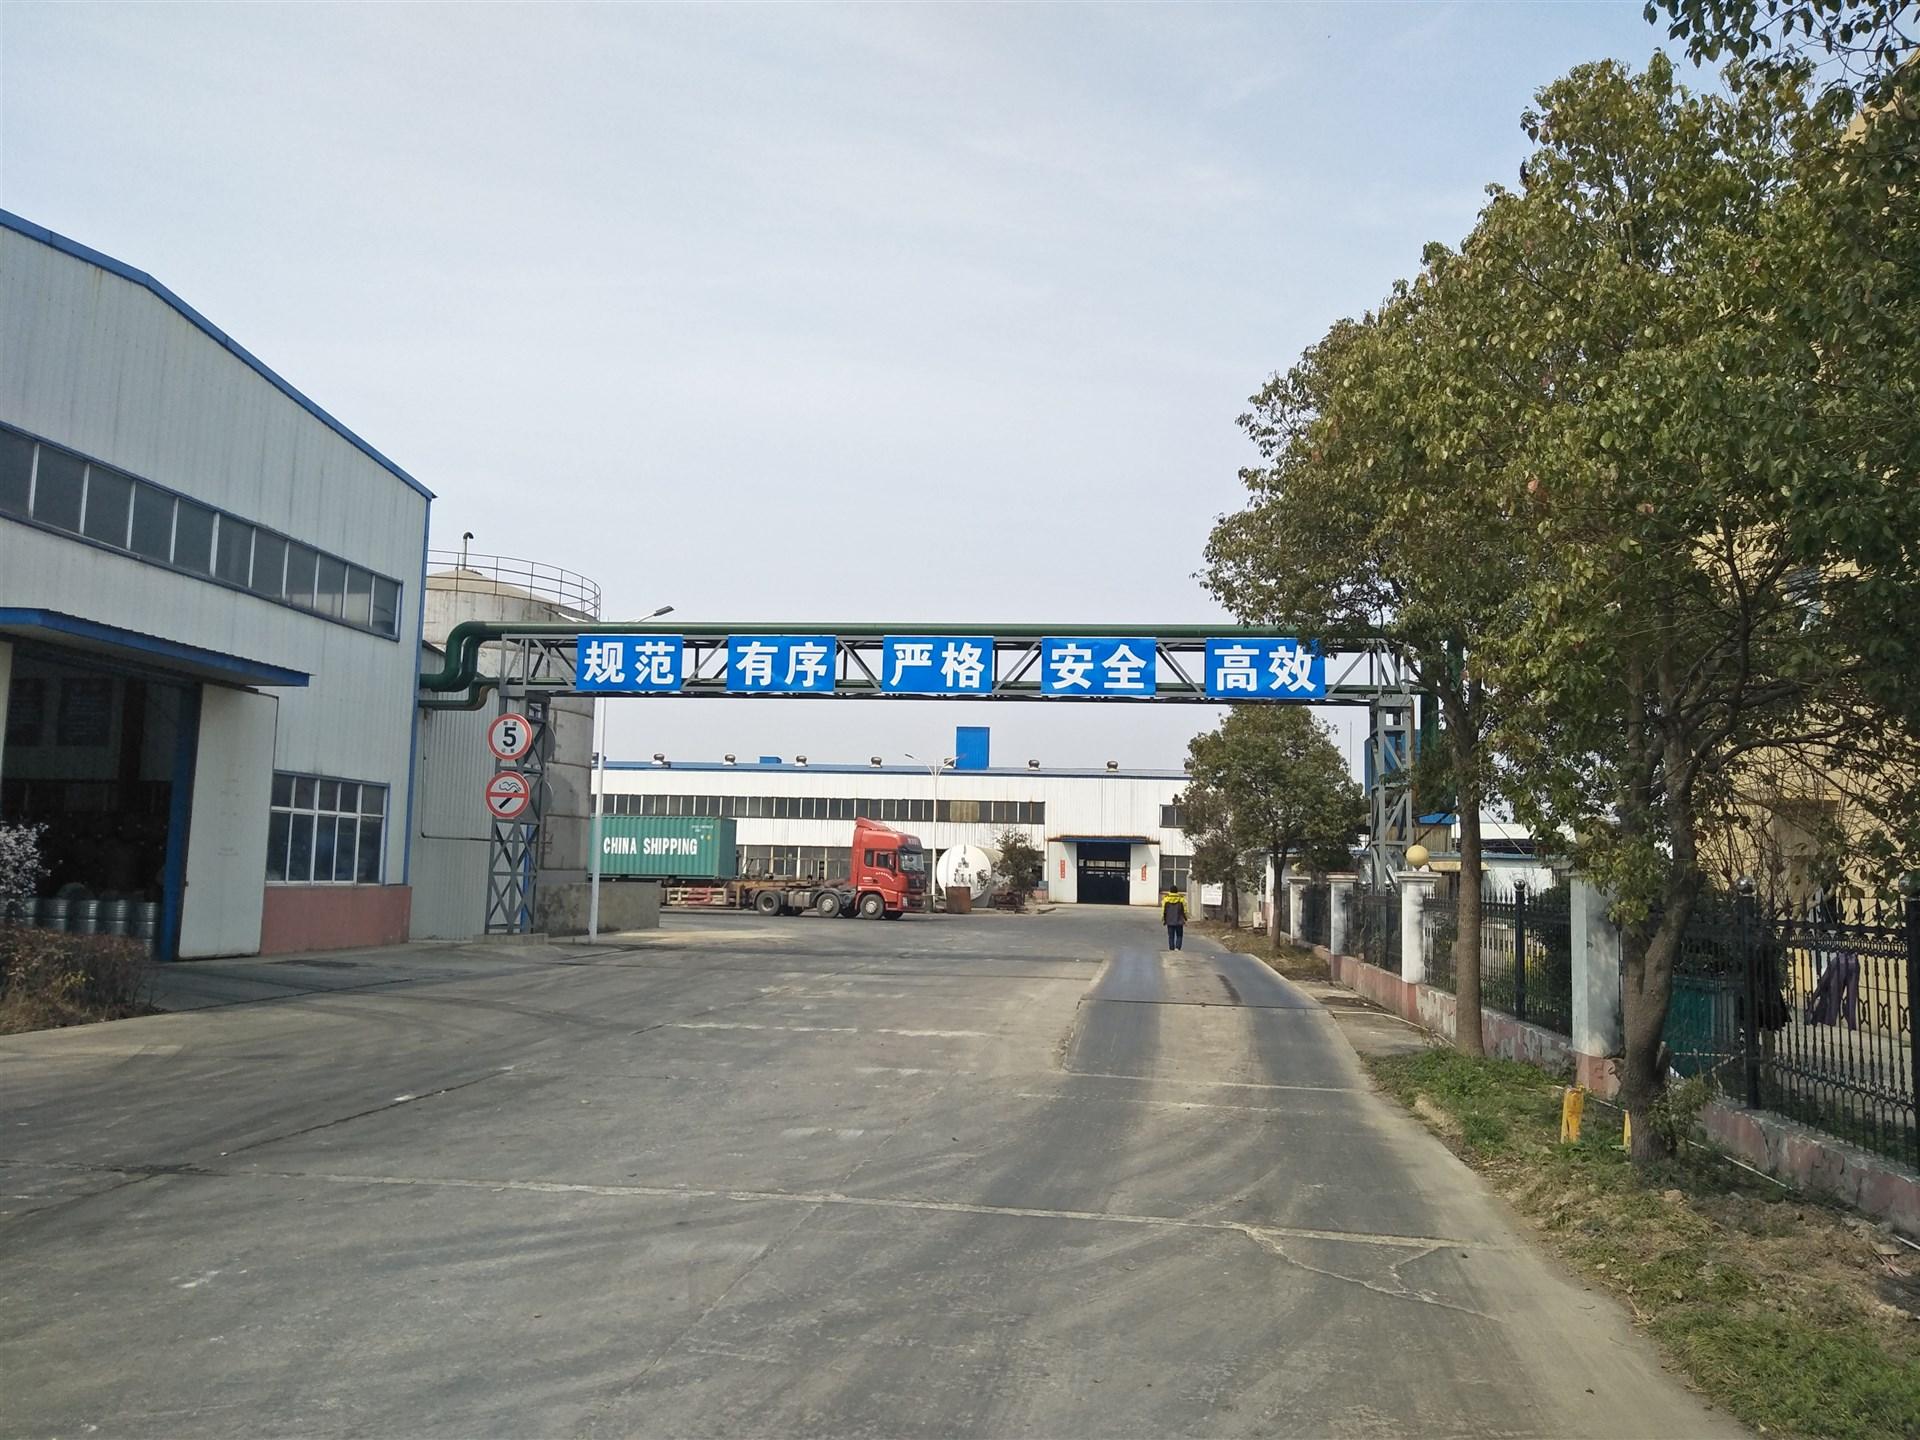 磷酸三甲酯生产企业